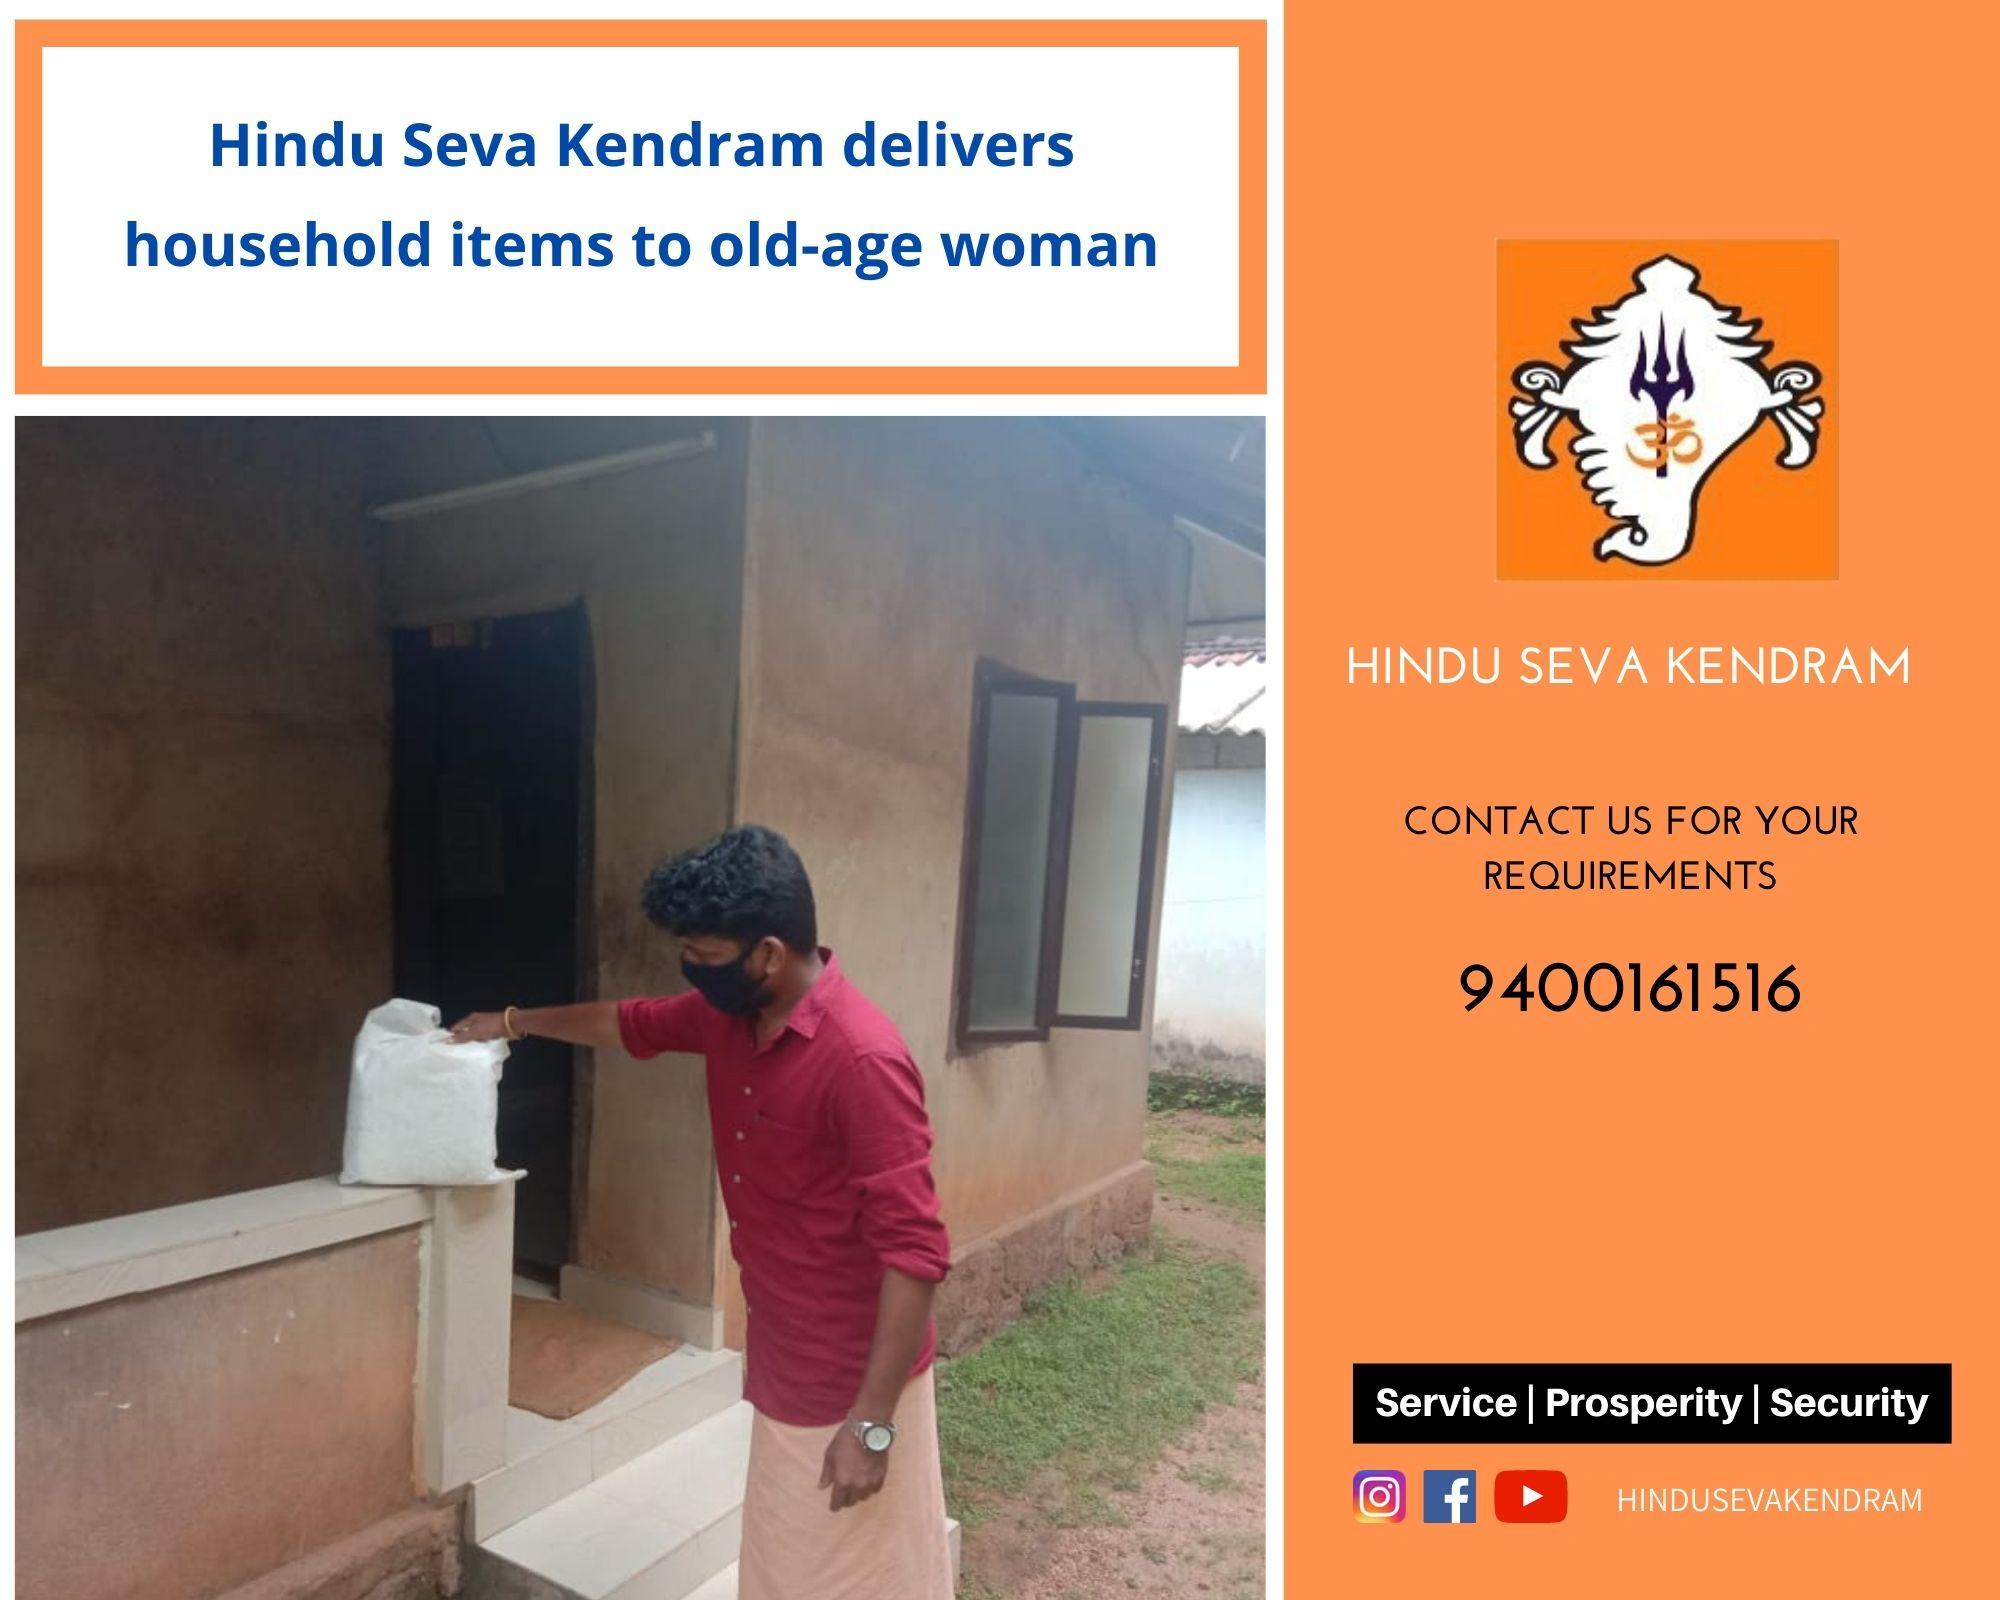 Hindu Seva Kendram delivers household items to elder woman